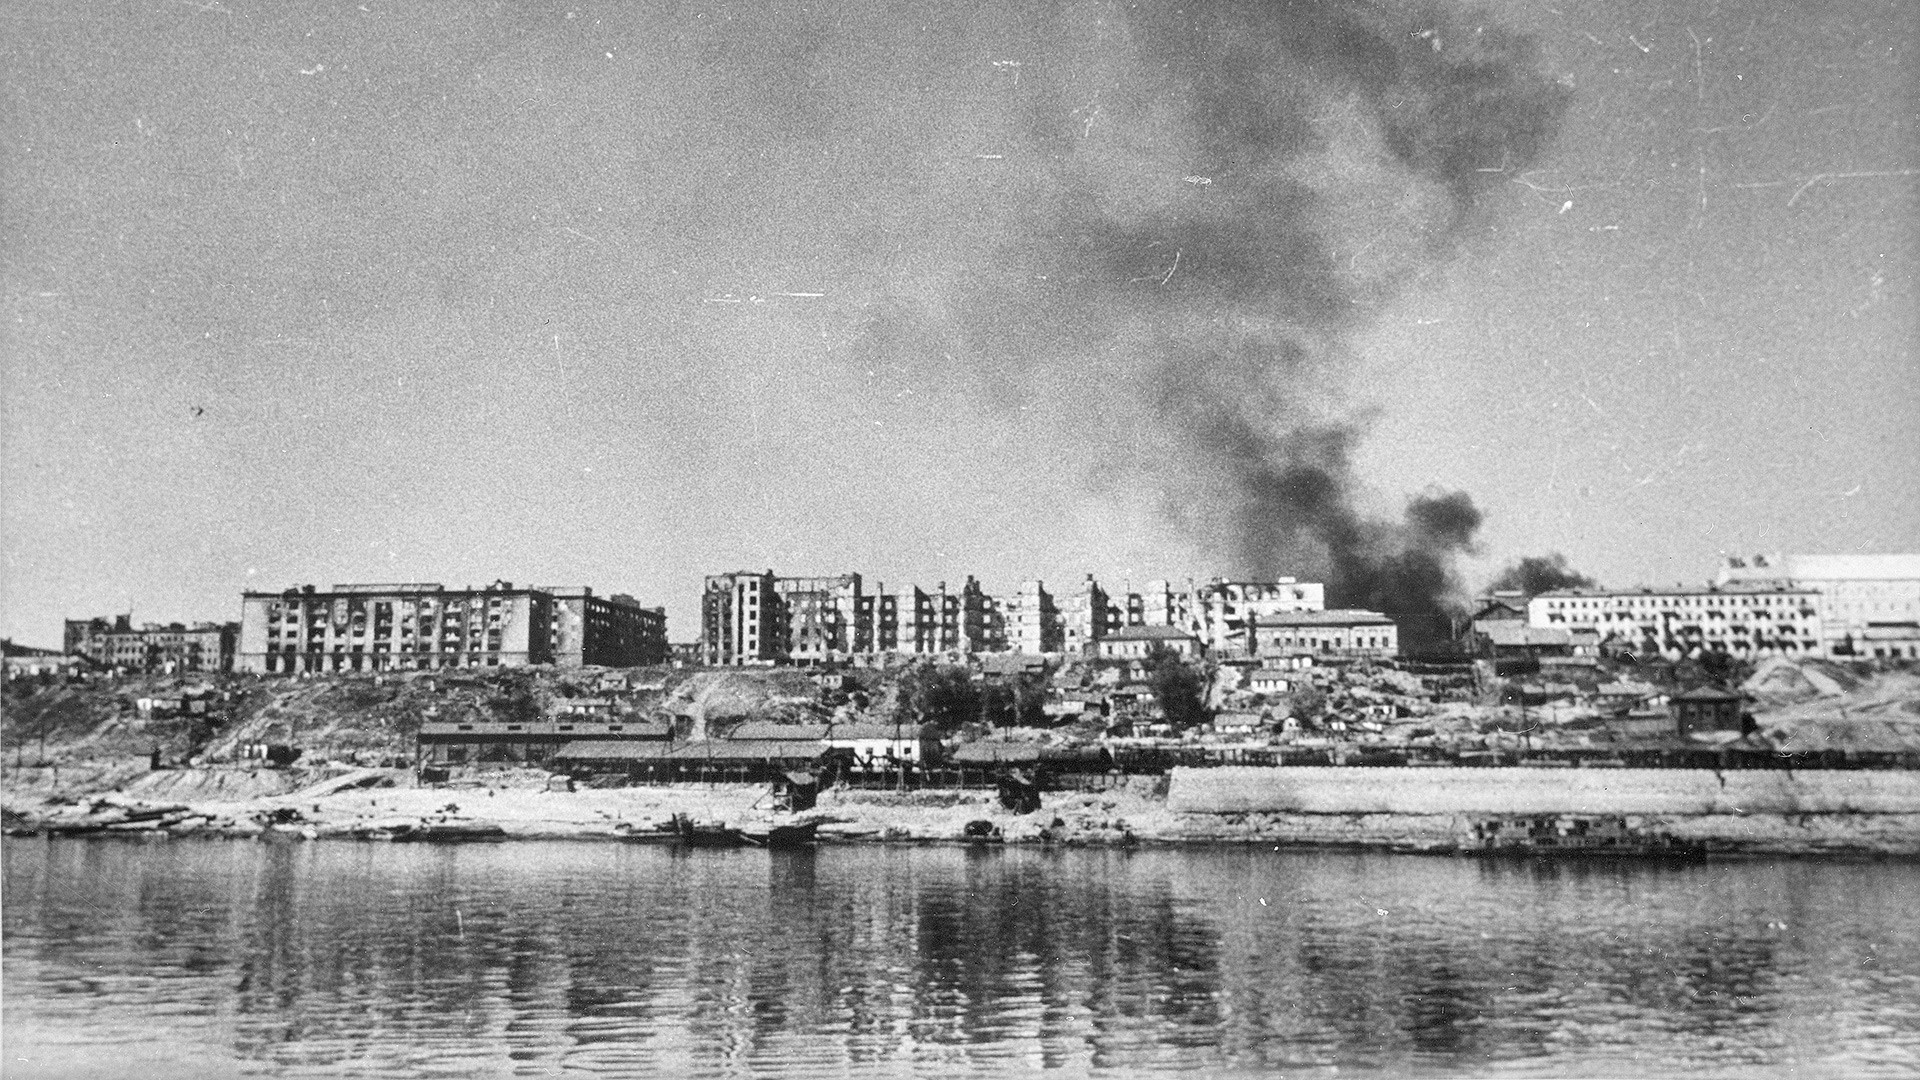 破壊されたスターリングラード、1942年